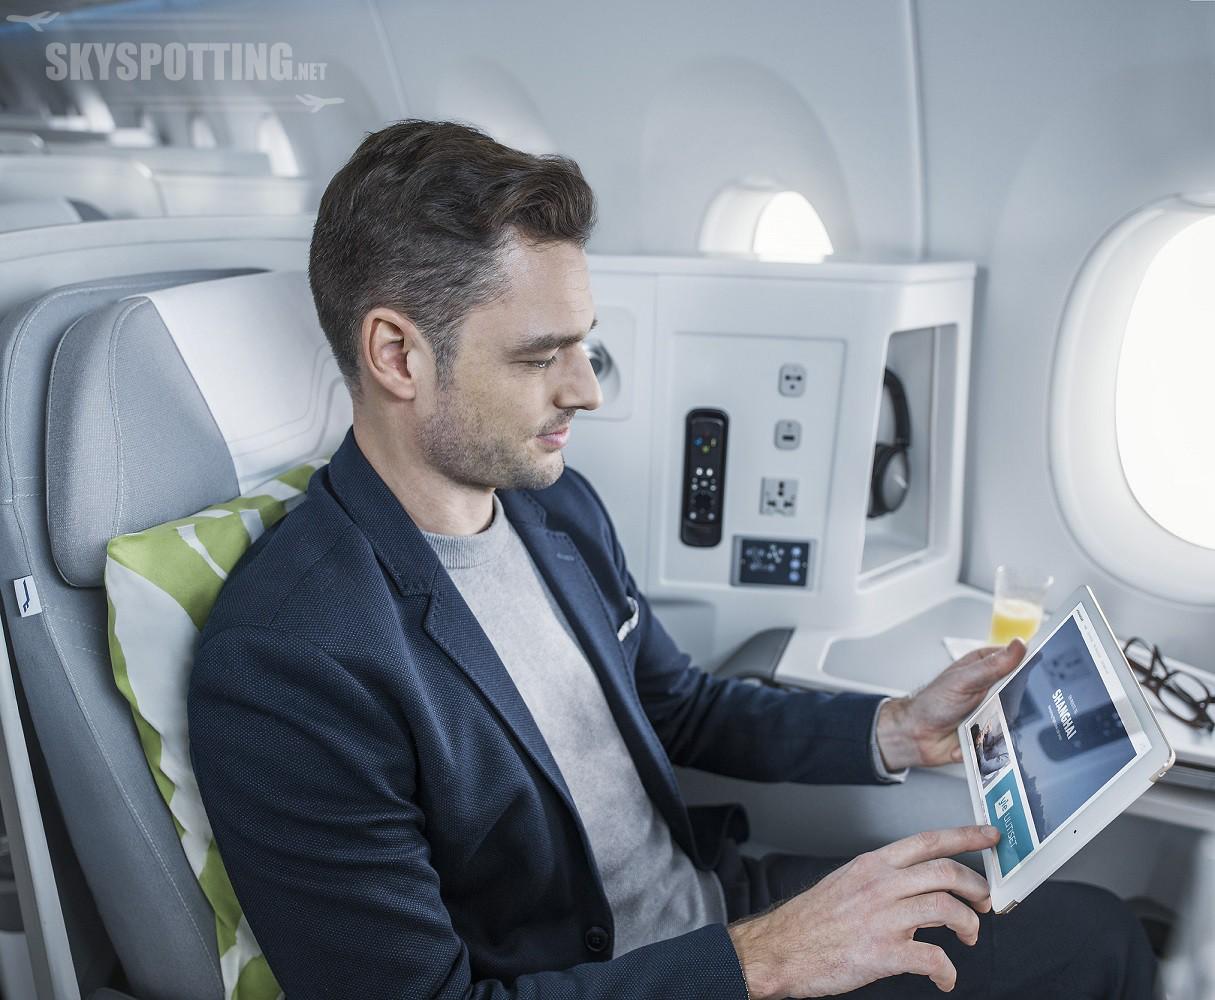 Bezprzewodowe połączenie internetowe we wszystkich samolotach długodystansowej floty Finnaira w maju 2017